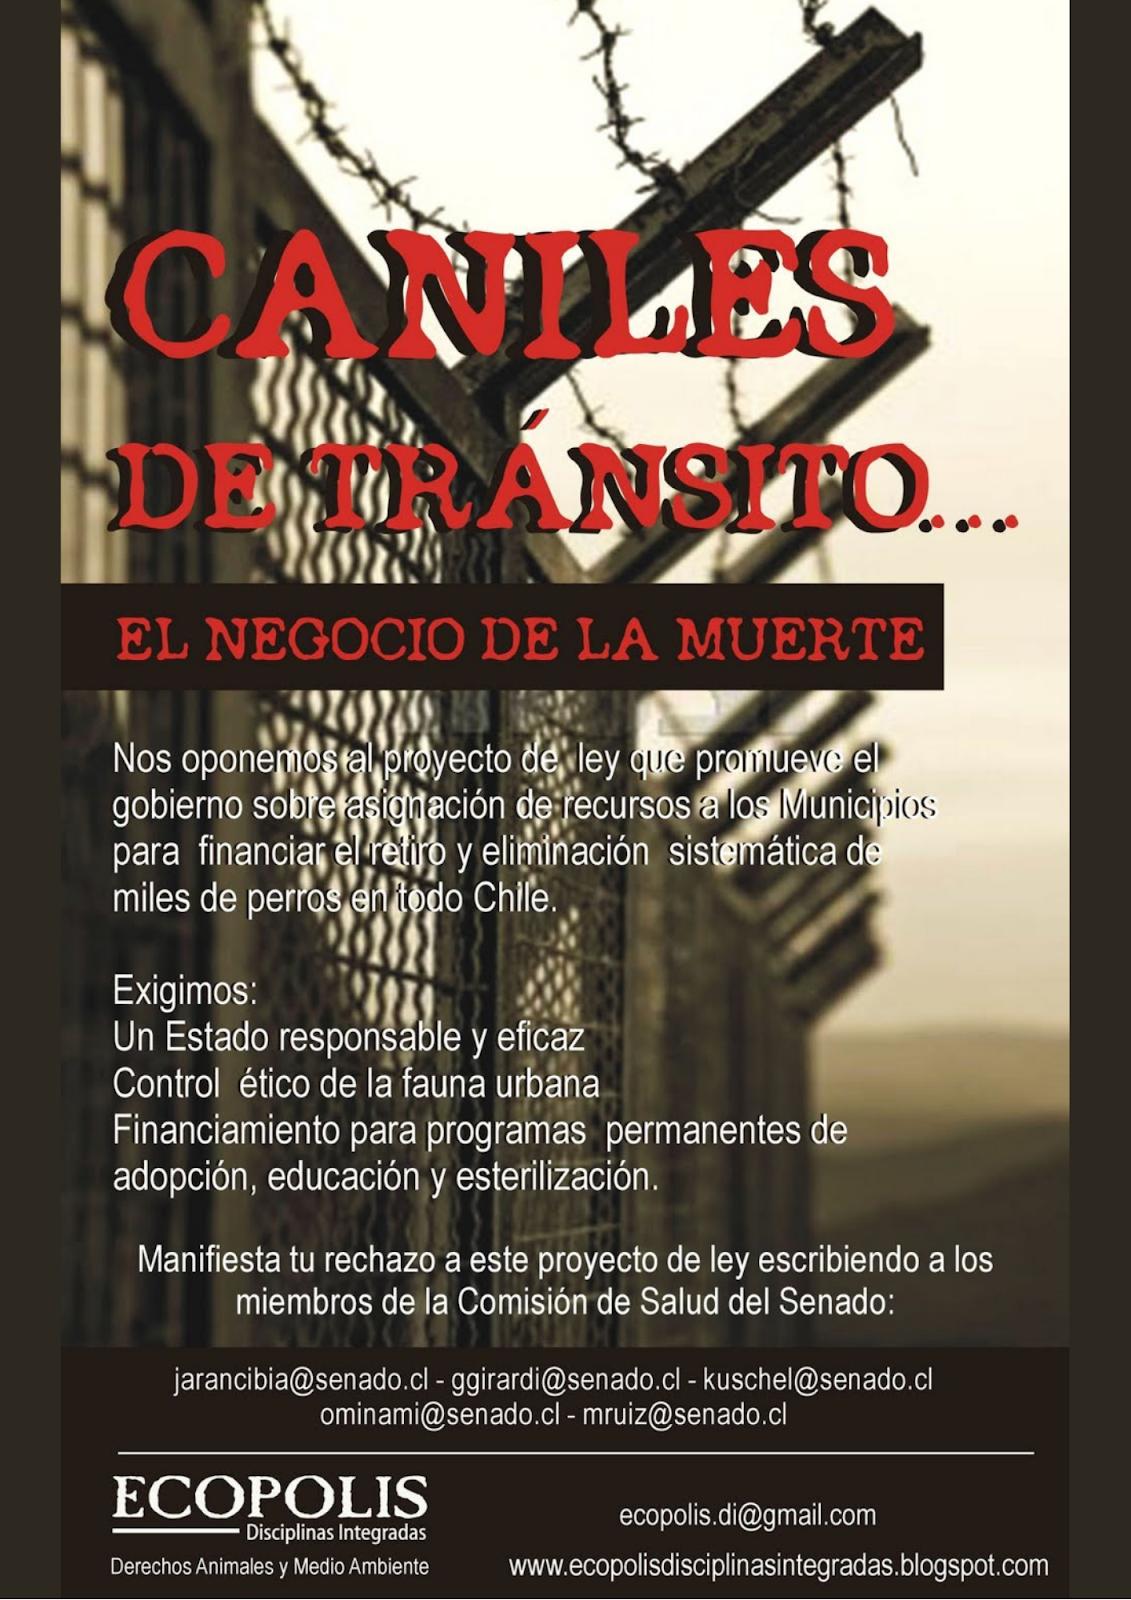 CANILES DE TRÁNSITO... EL NEGOCIO DE LA MUERTE